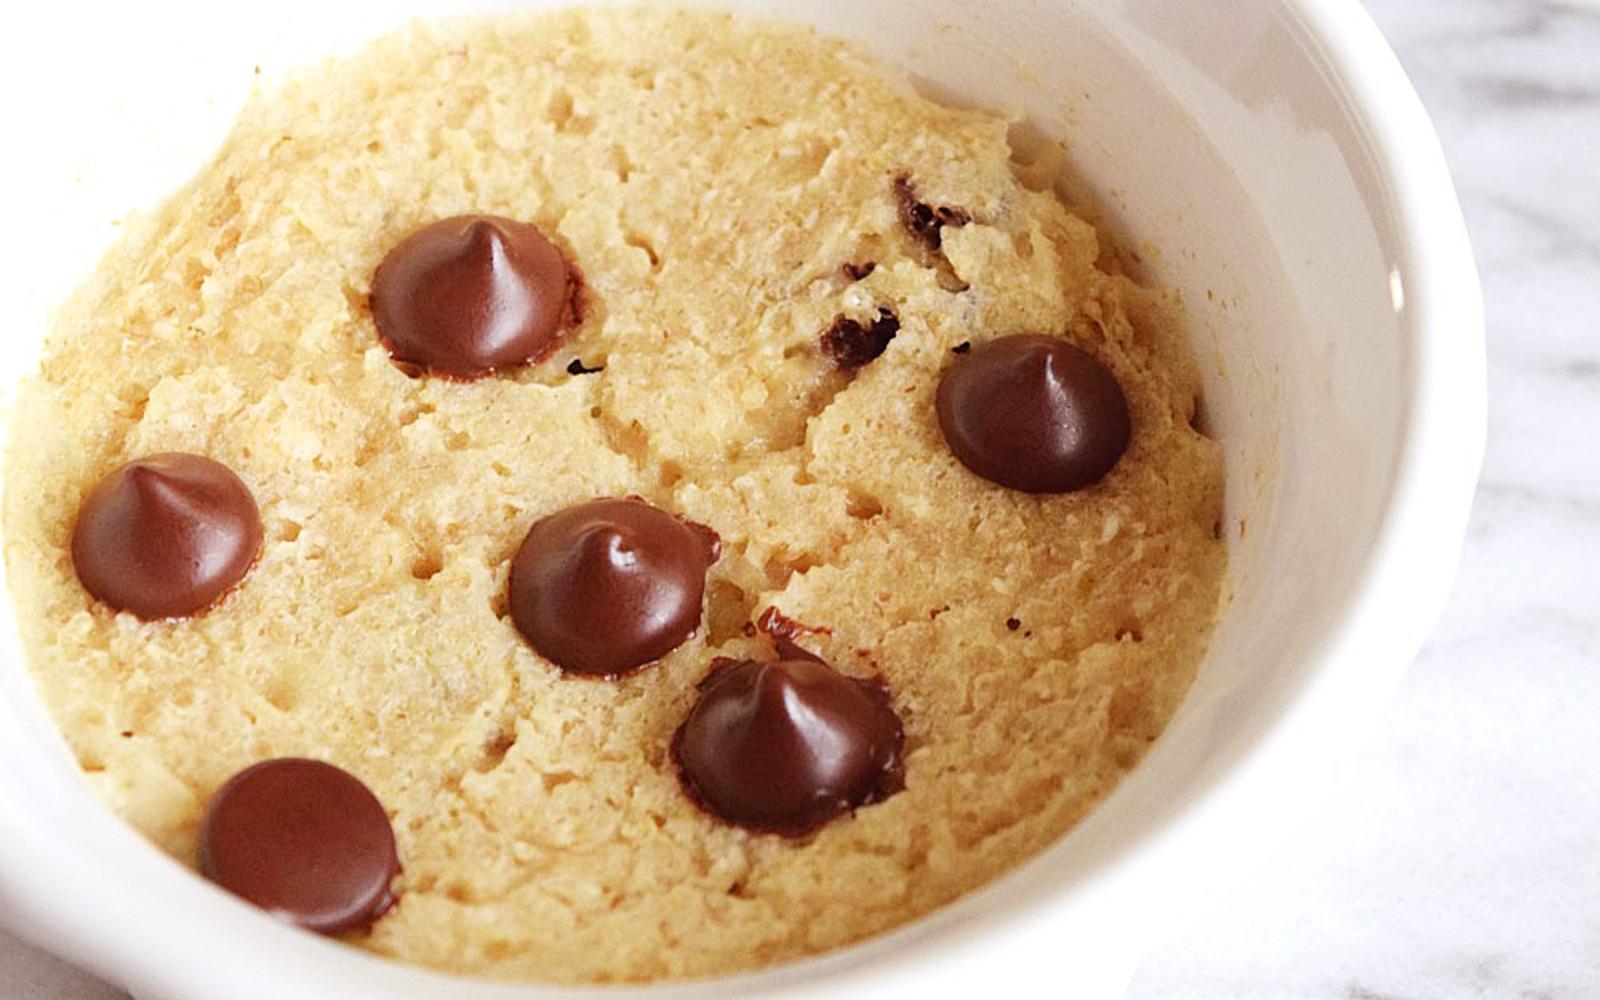 Vegan Gluten-Free 5-Ingredient Chocolate Chip Mug Cake